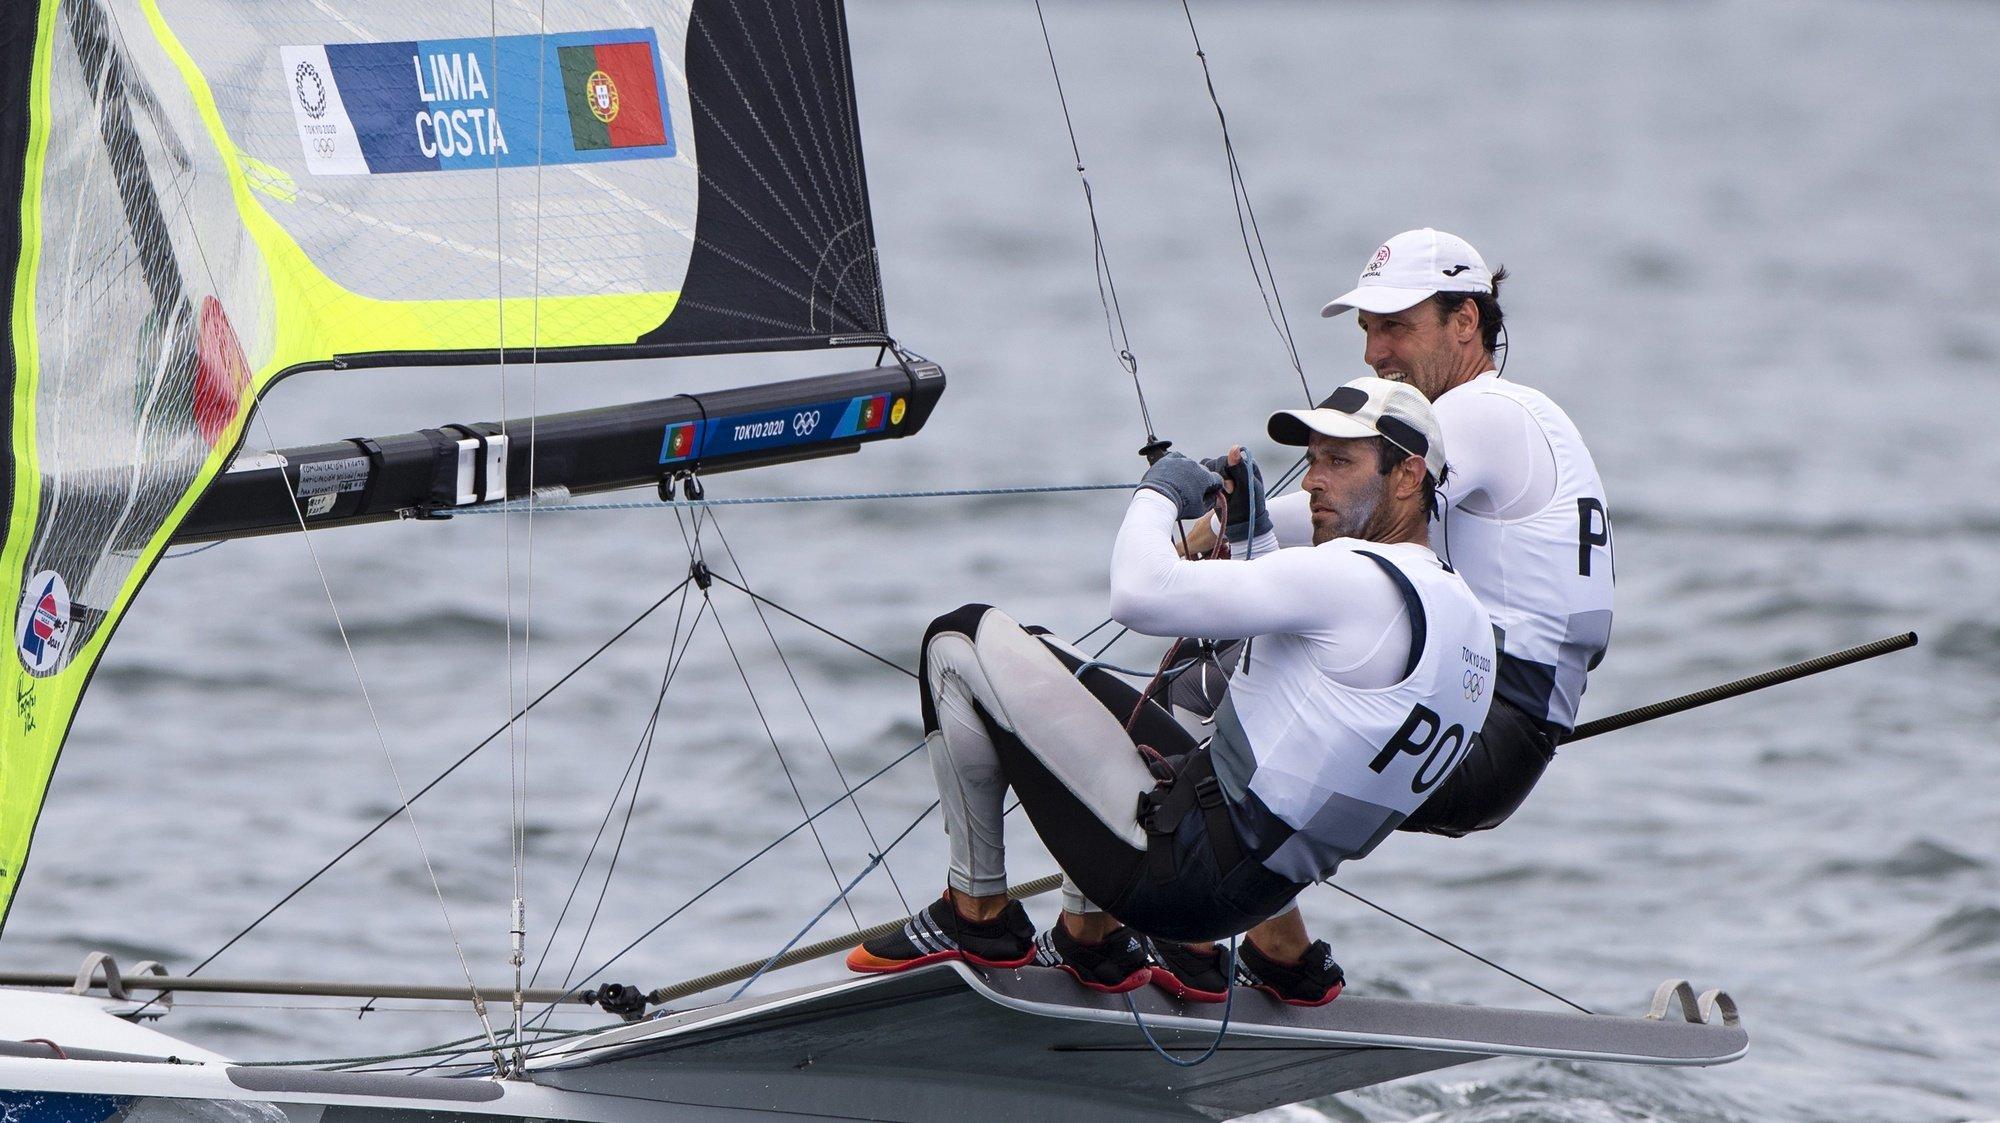 Os velejadores portugueses, Jorge Lima e José Costa competem na categoria 49er, Tóquio, Japão, 30 de julho de 2021. Jorge Lima e José Costa ganharam a segunda regata do dia da Classe 49er na Vela. Com este resultado, o duo português sobe ao sexto posto na geral, bem dentro da zona de qualificação para a 'Medal Race'. JOSÉ COELHO/LUSA